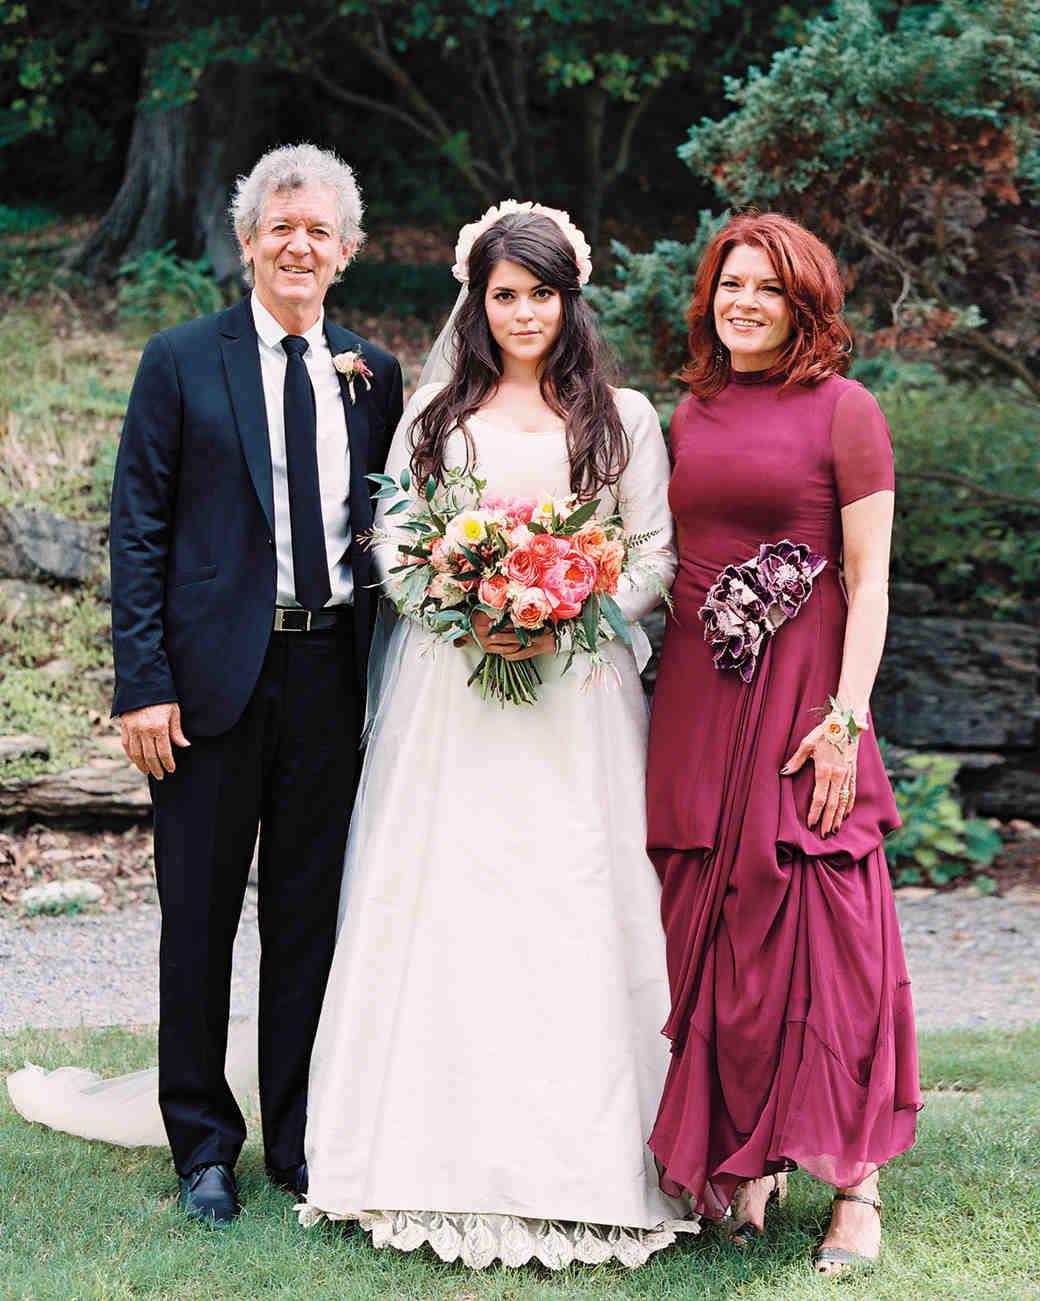 carrie-dan-ceremony-bride-parents-053114-f-027-s111627.jpg